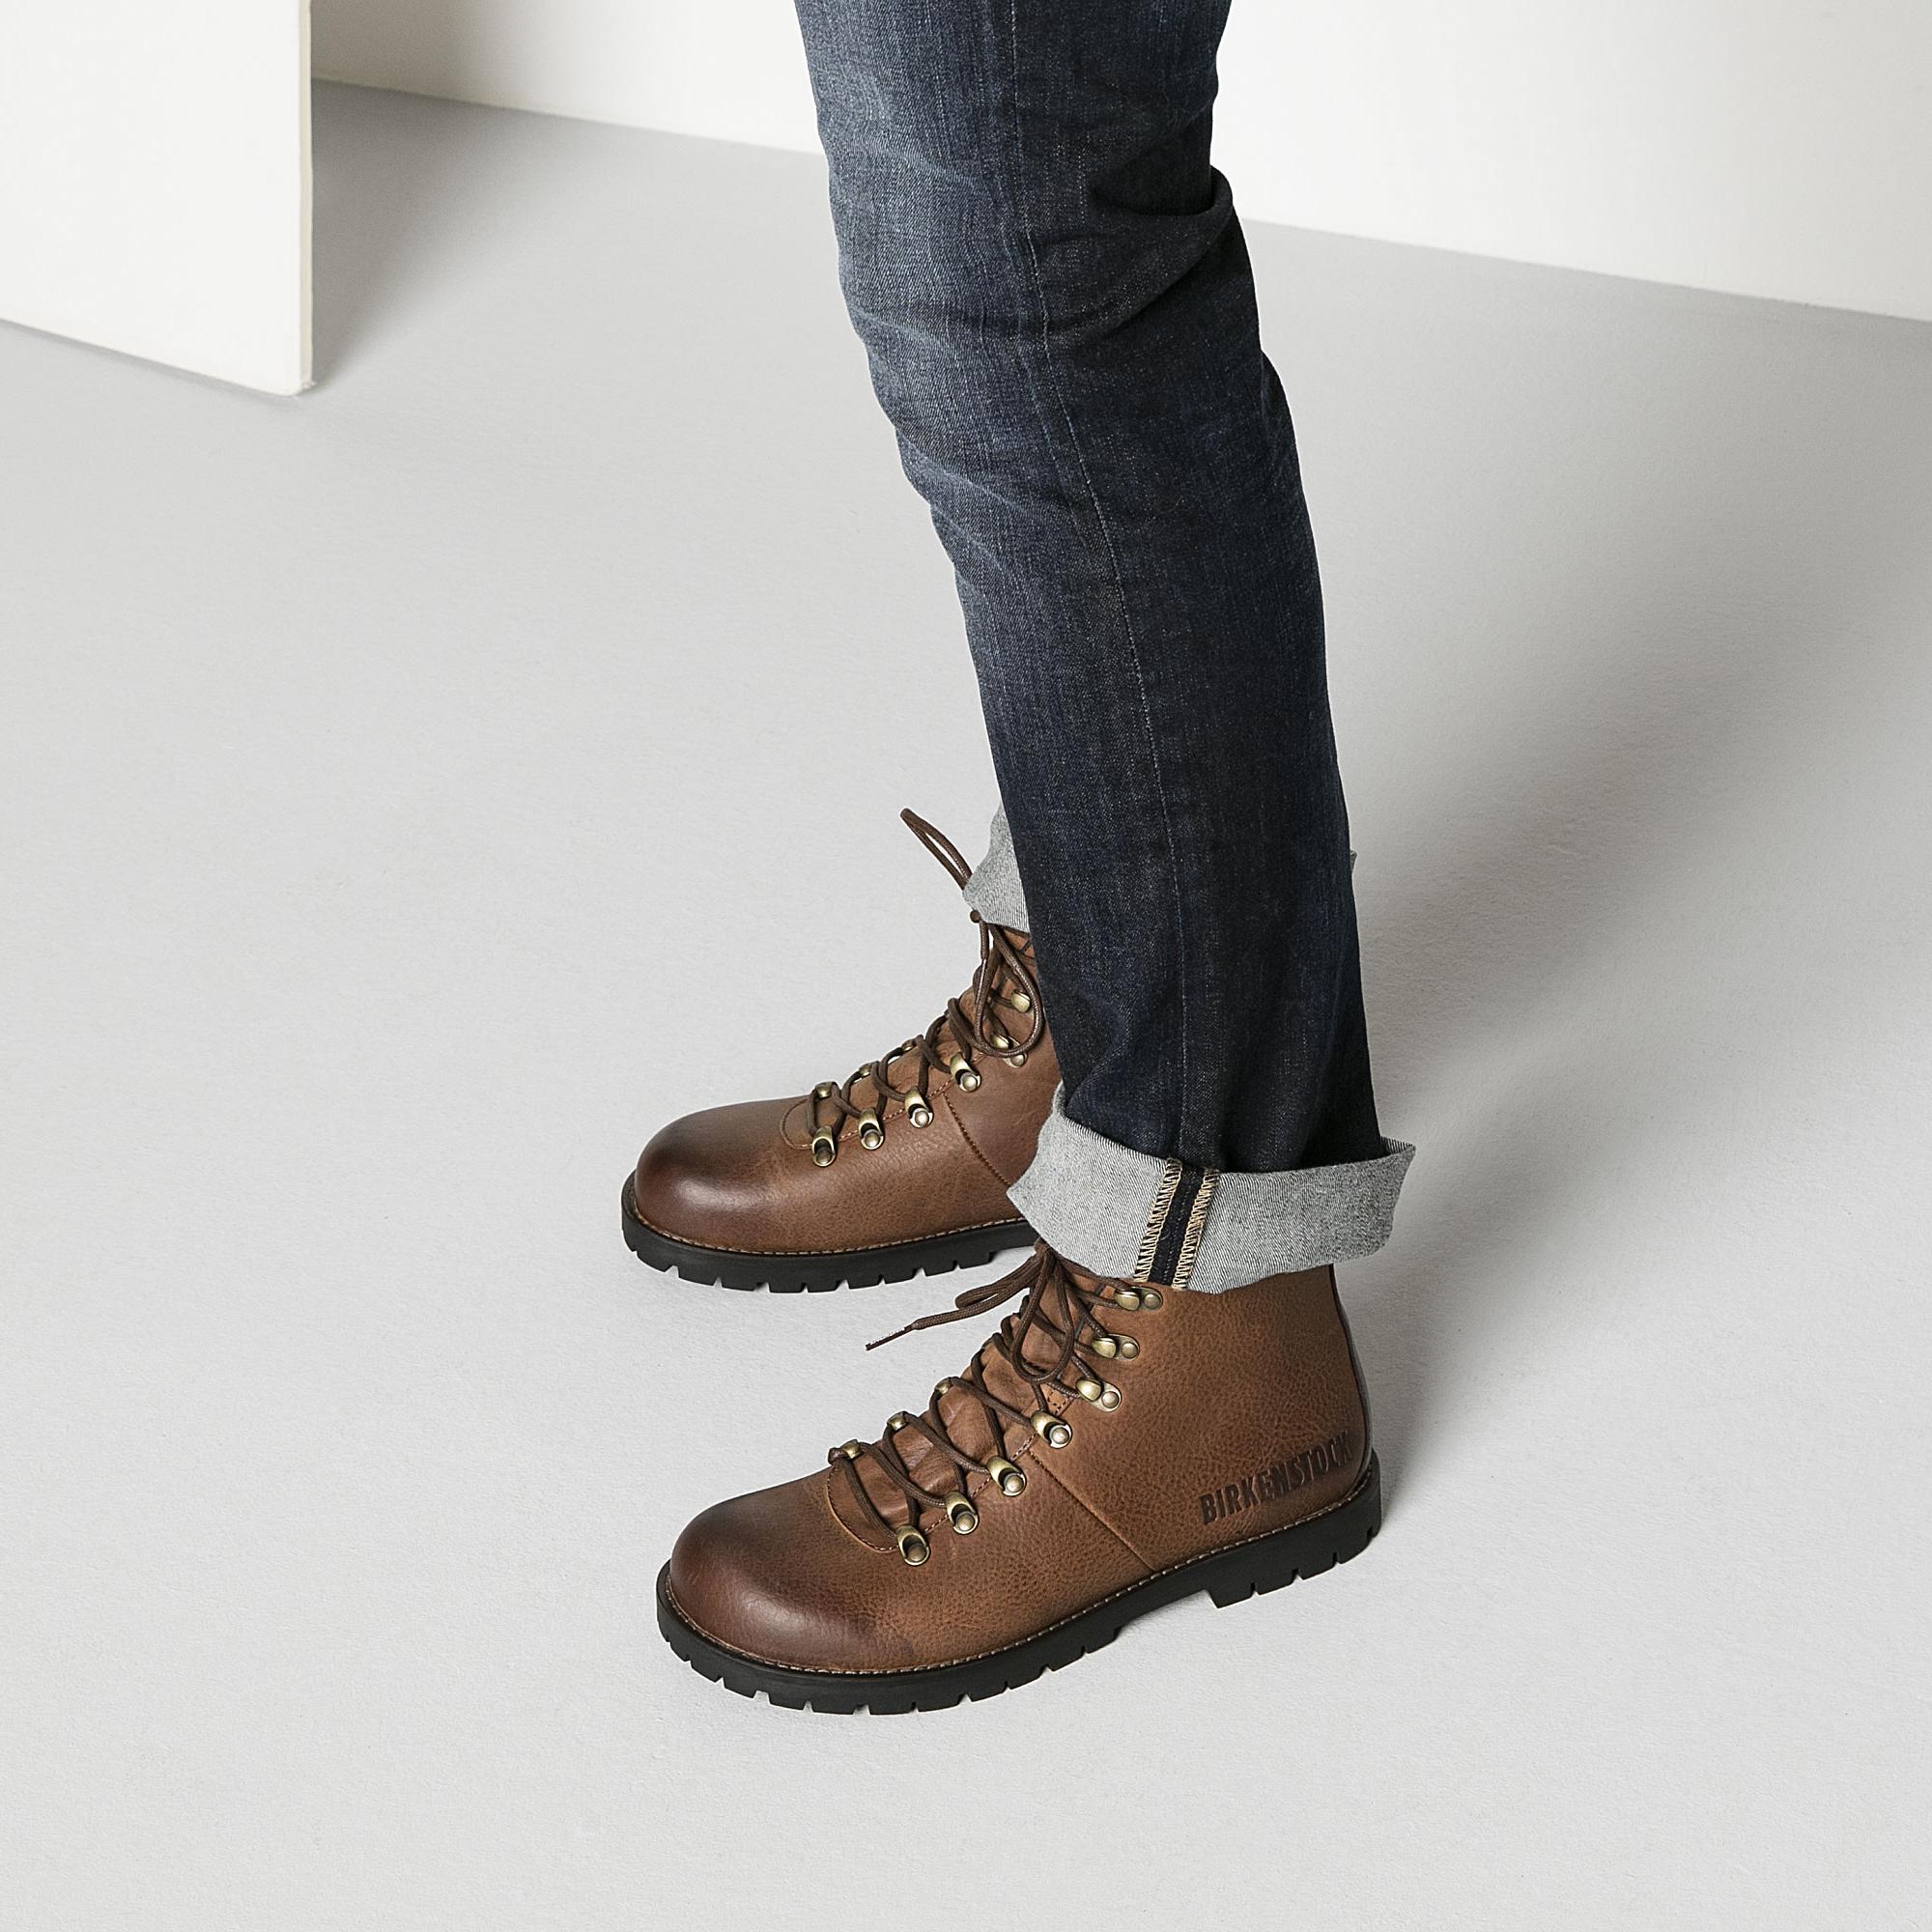 Birkenstock Hancock Schnürstiefeletten   Fashion (latest